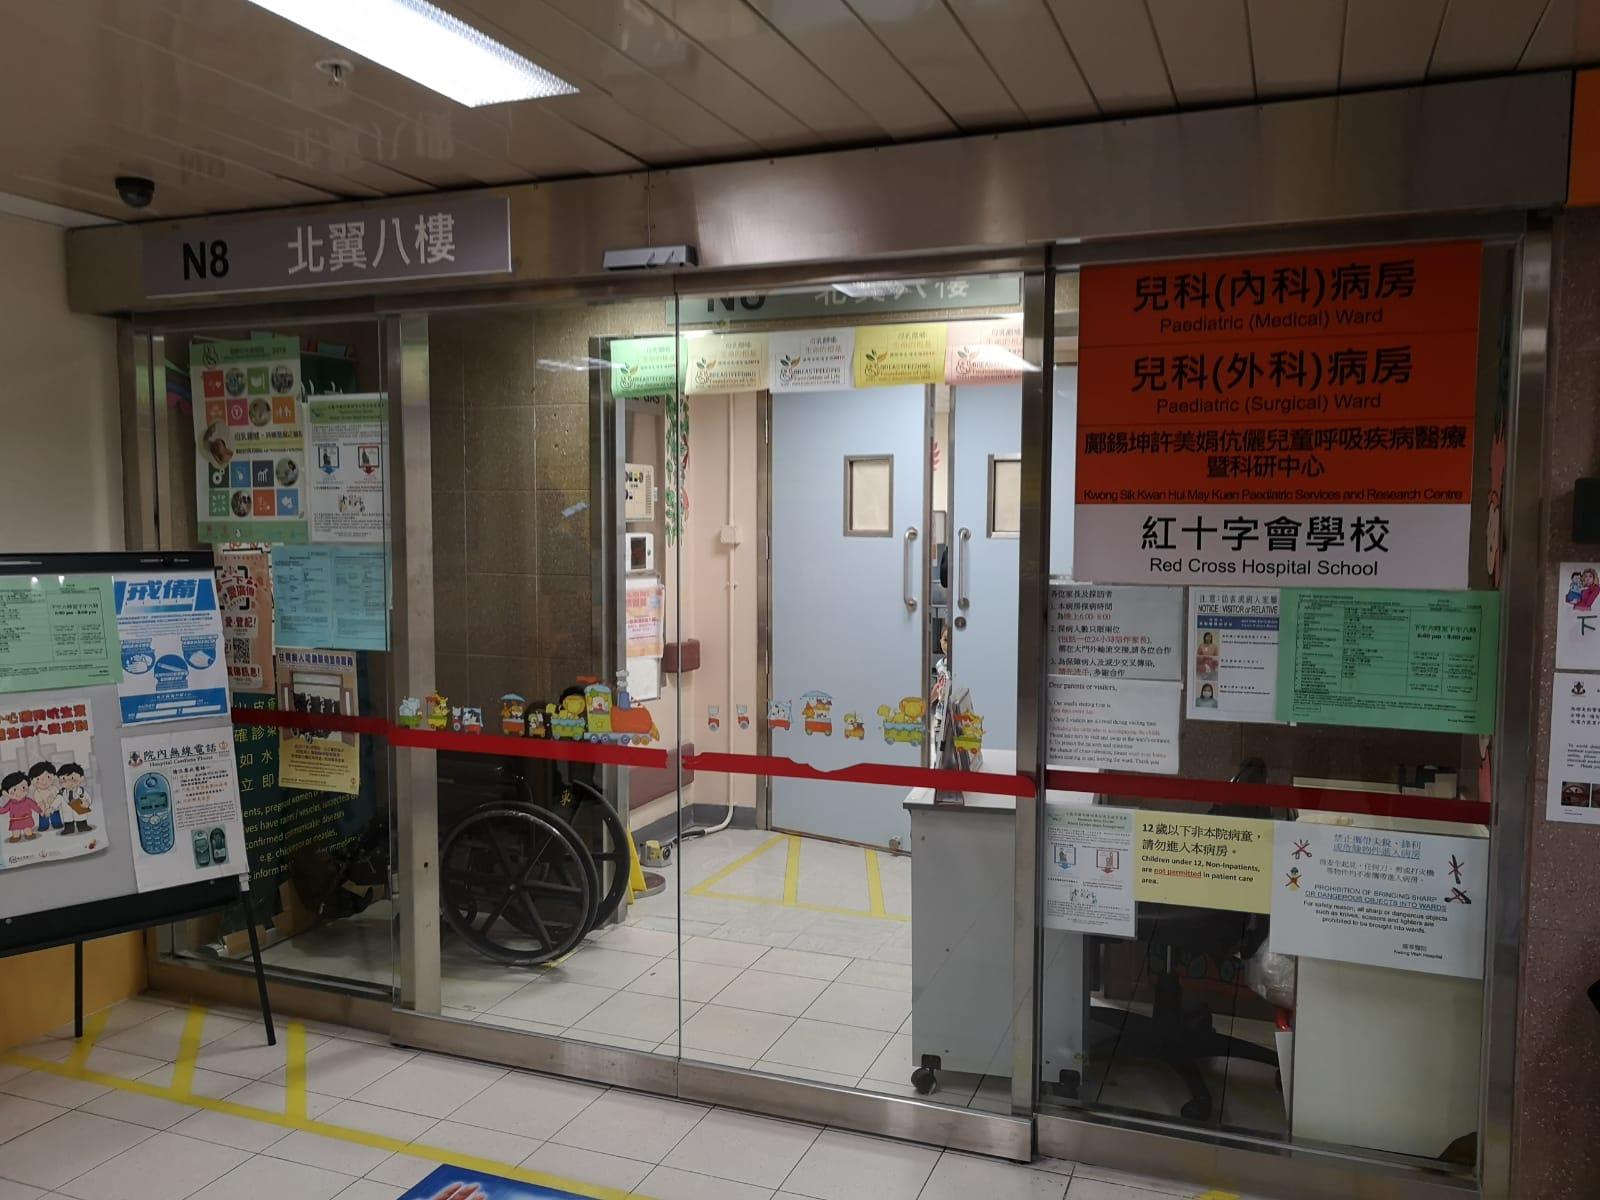 廣華醫院職員報警,指早前一名留醫嬰兒,其尿液樣本驗出對毒品呈陽性反應。 梁國峰攝